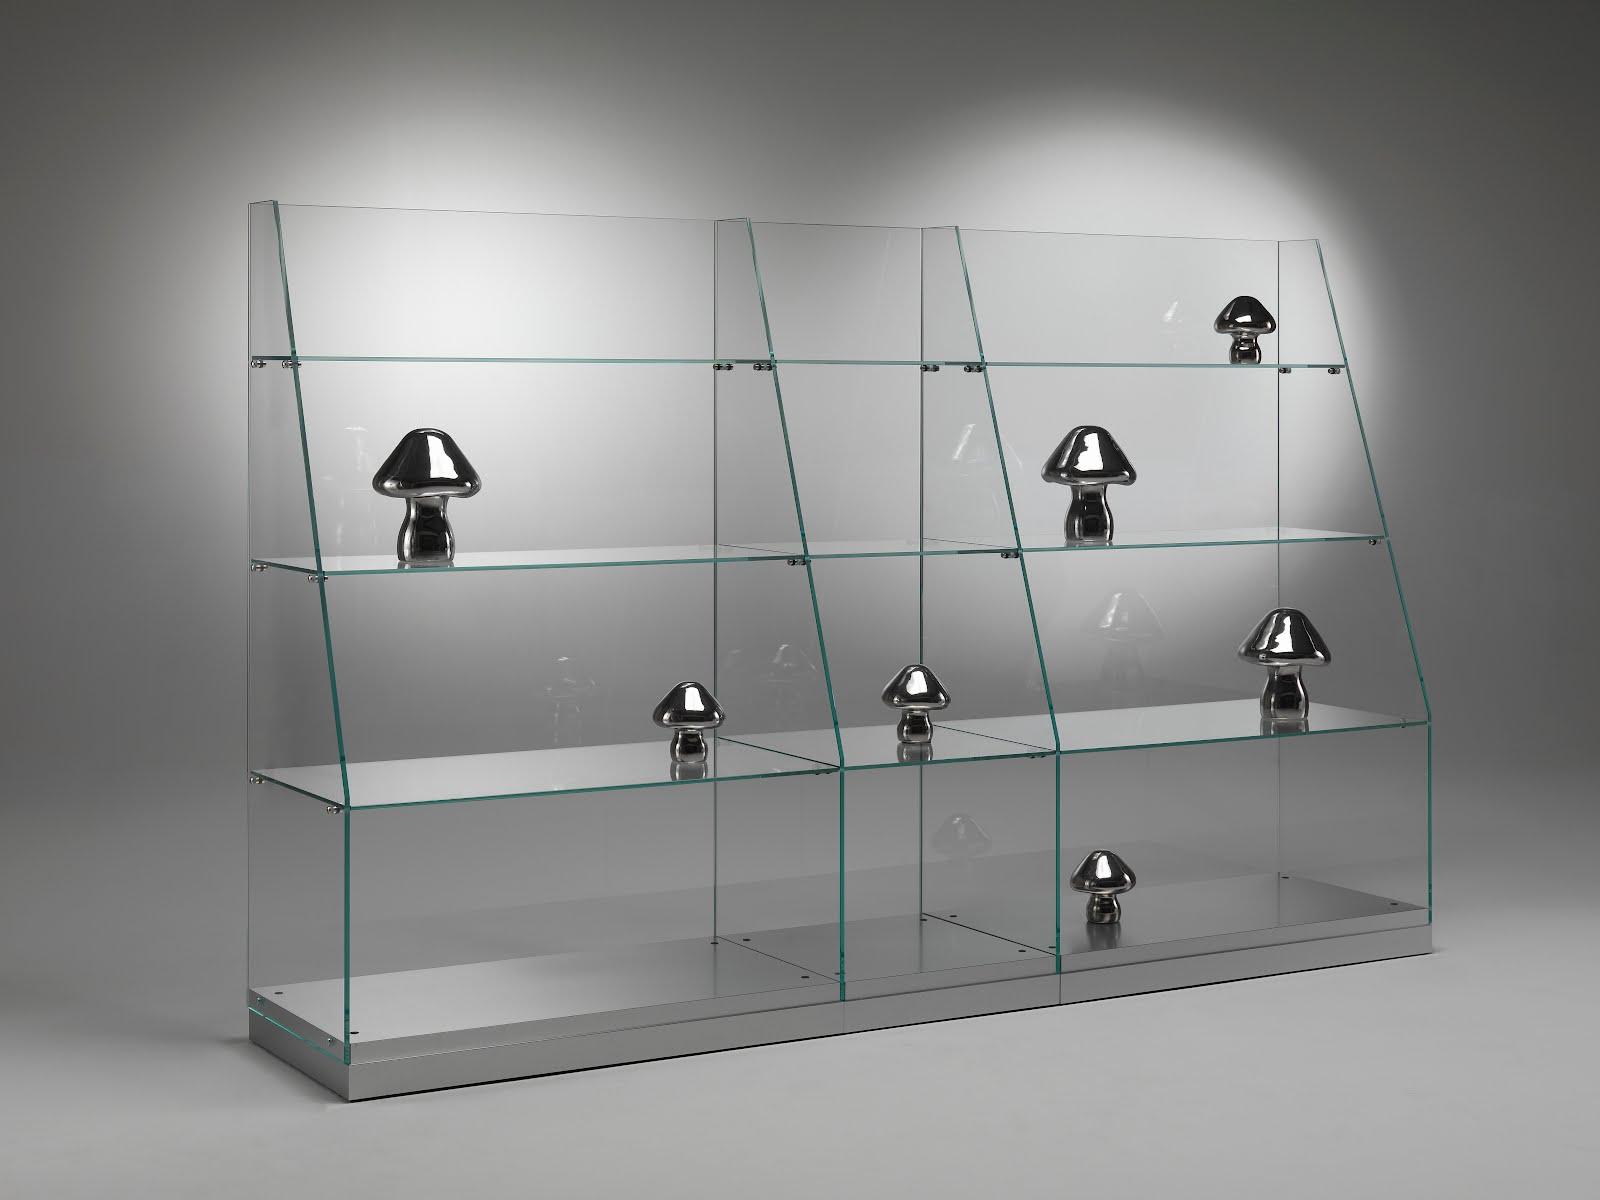 V i t r i n a s vitrinas g ndola para comercios novedad - Vitrinas de cristal para colecciones ...